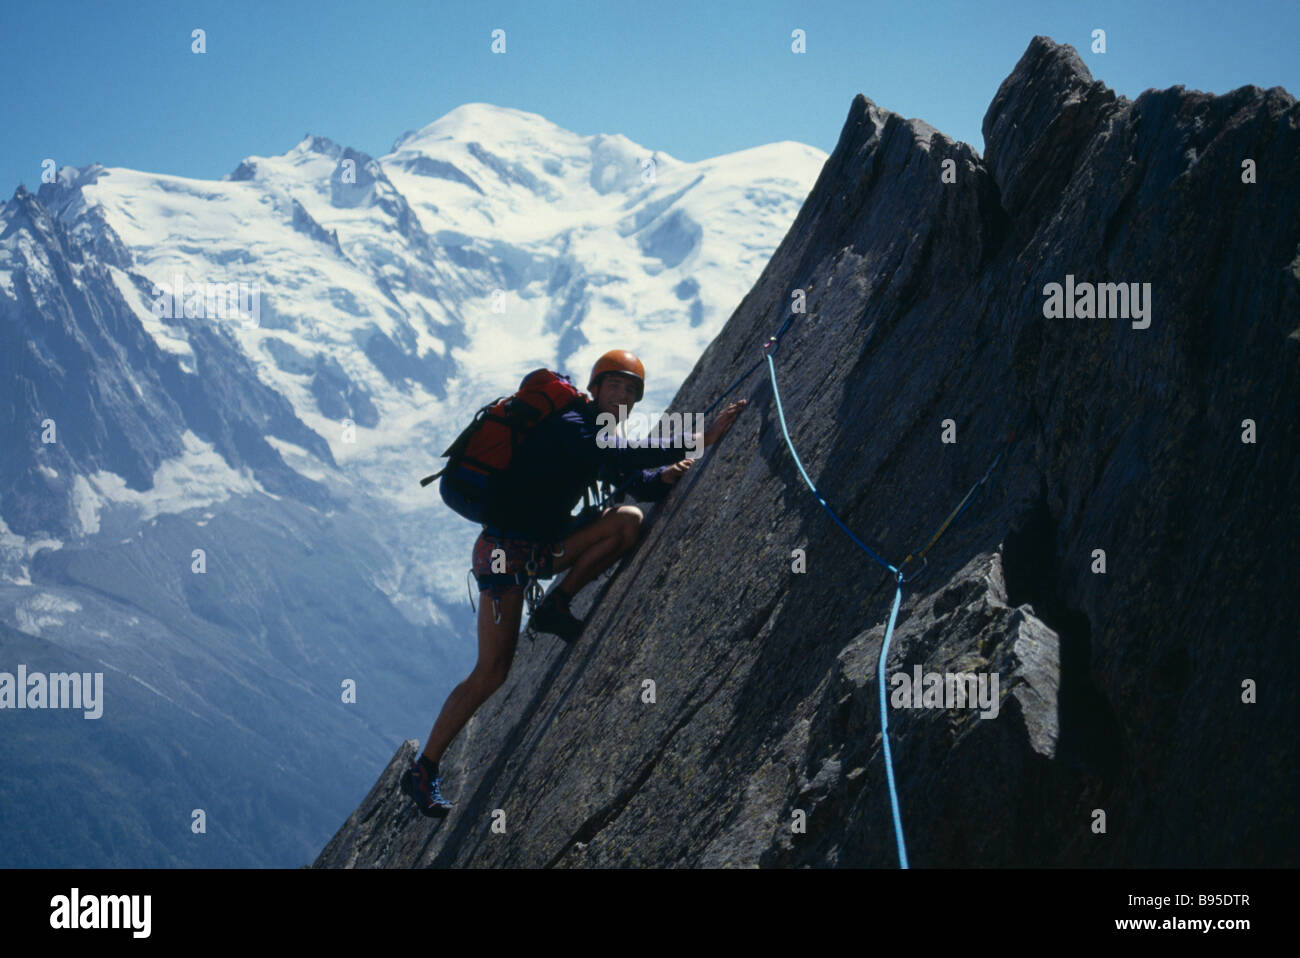 Escalade Alpinisme SPORT hauteur dalle La Chappelle de la guere du massif des Aiguilles Rouges dans les Alpes. Banque D'Images